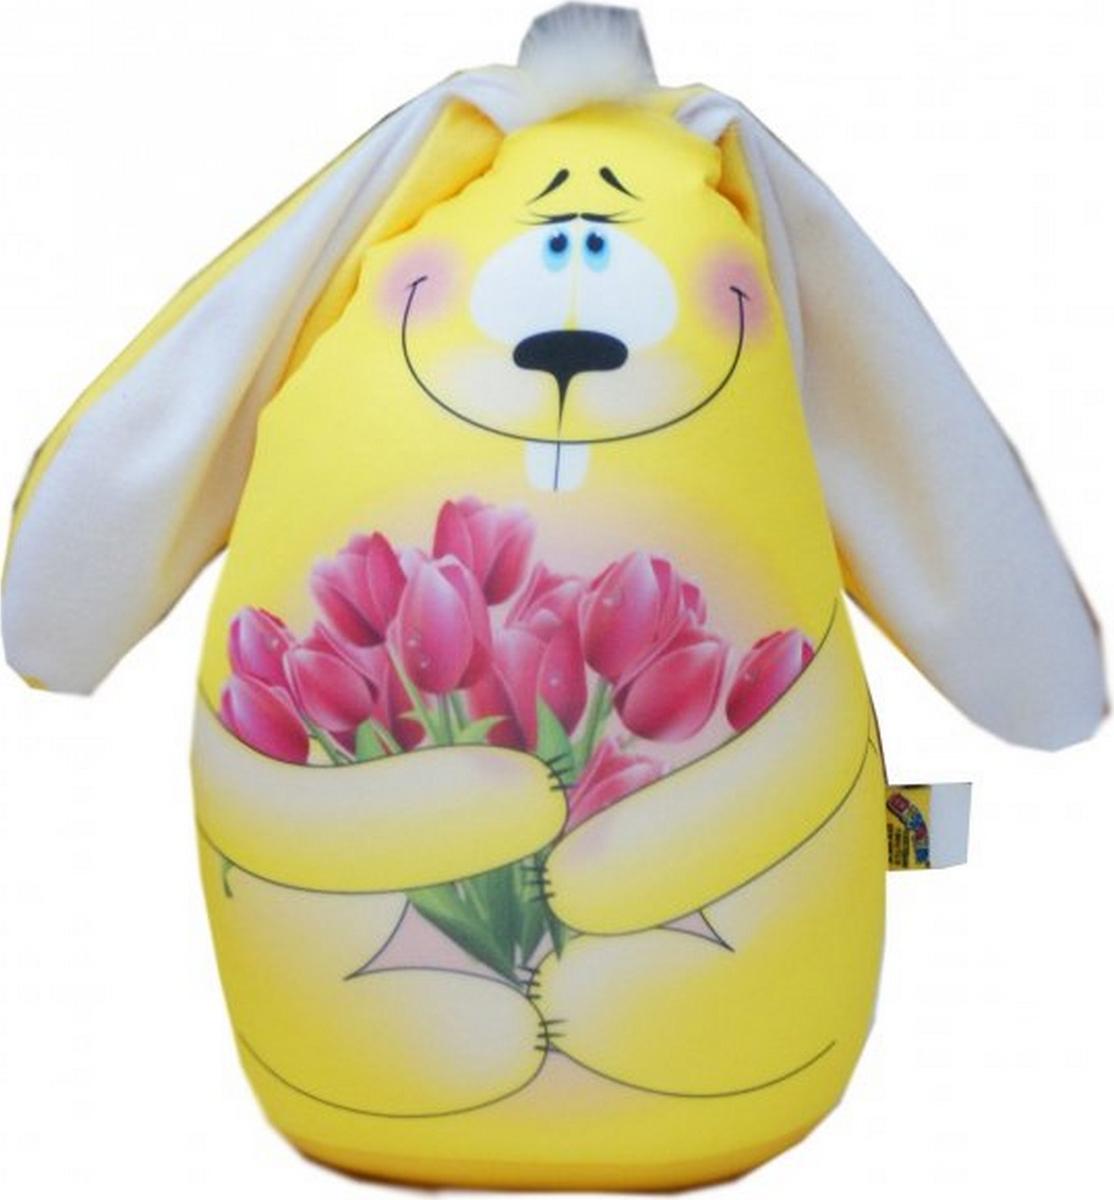 Штучки, к которым тянутся ручки Подушка-игрушка антистрессовая Элвин цвет желтый